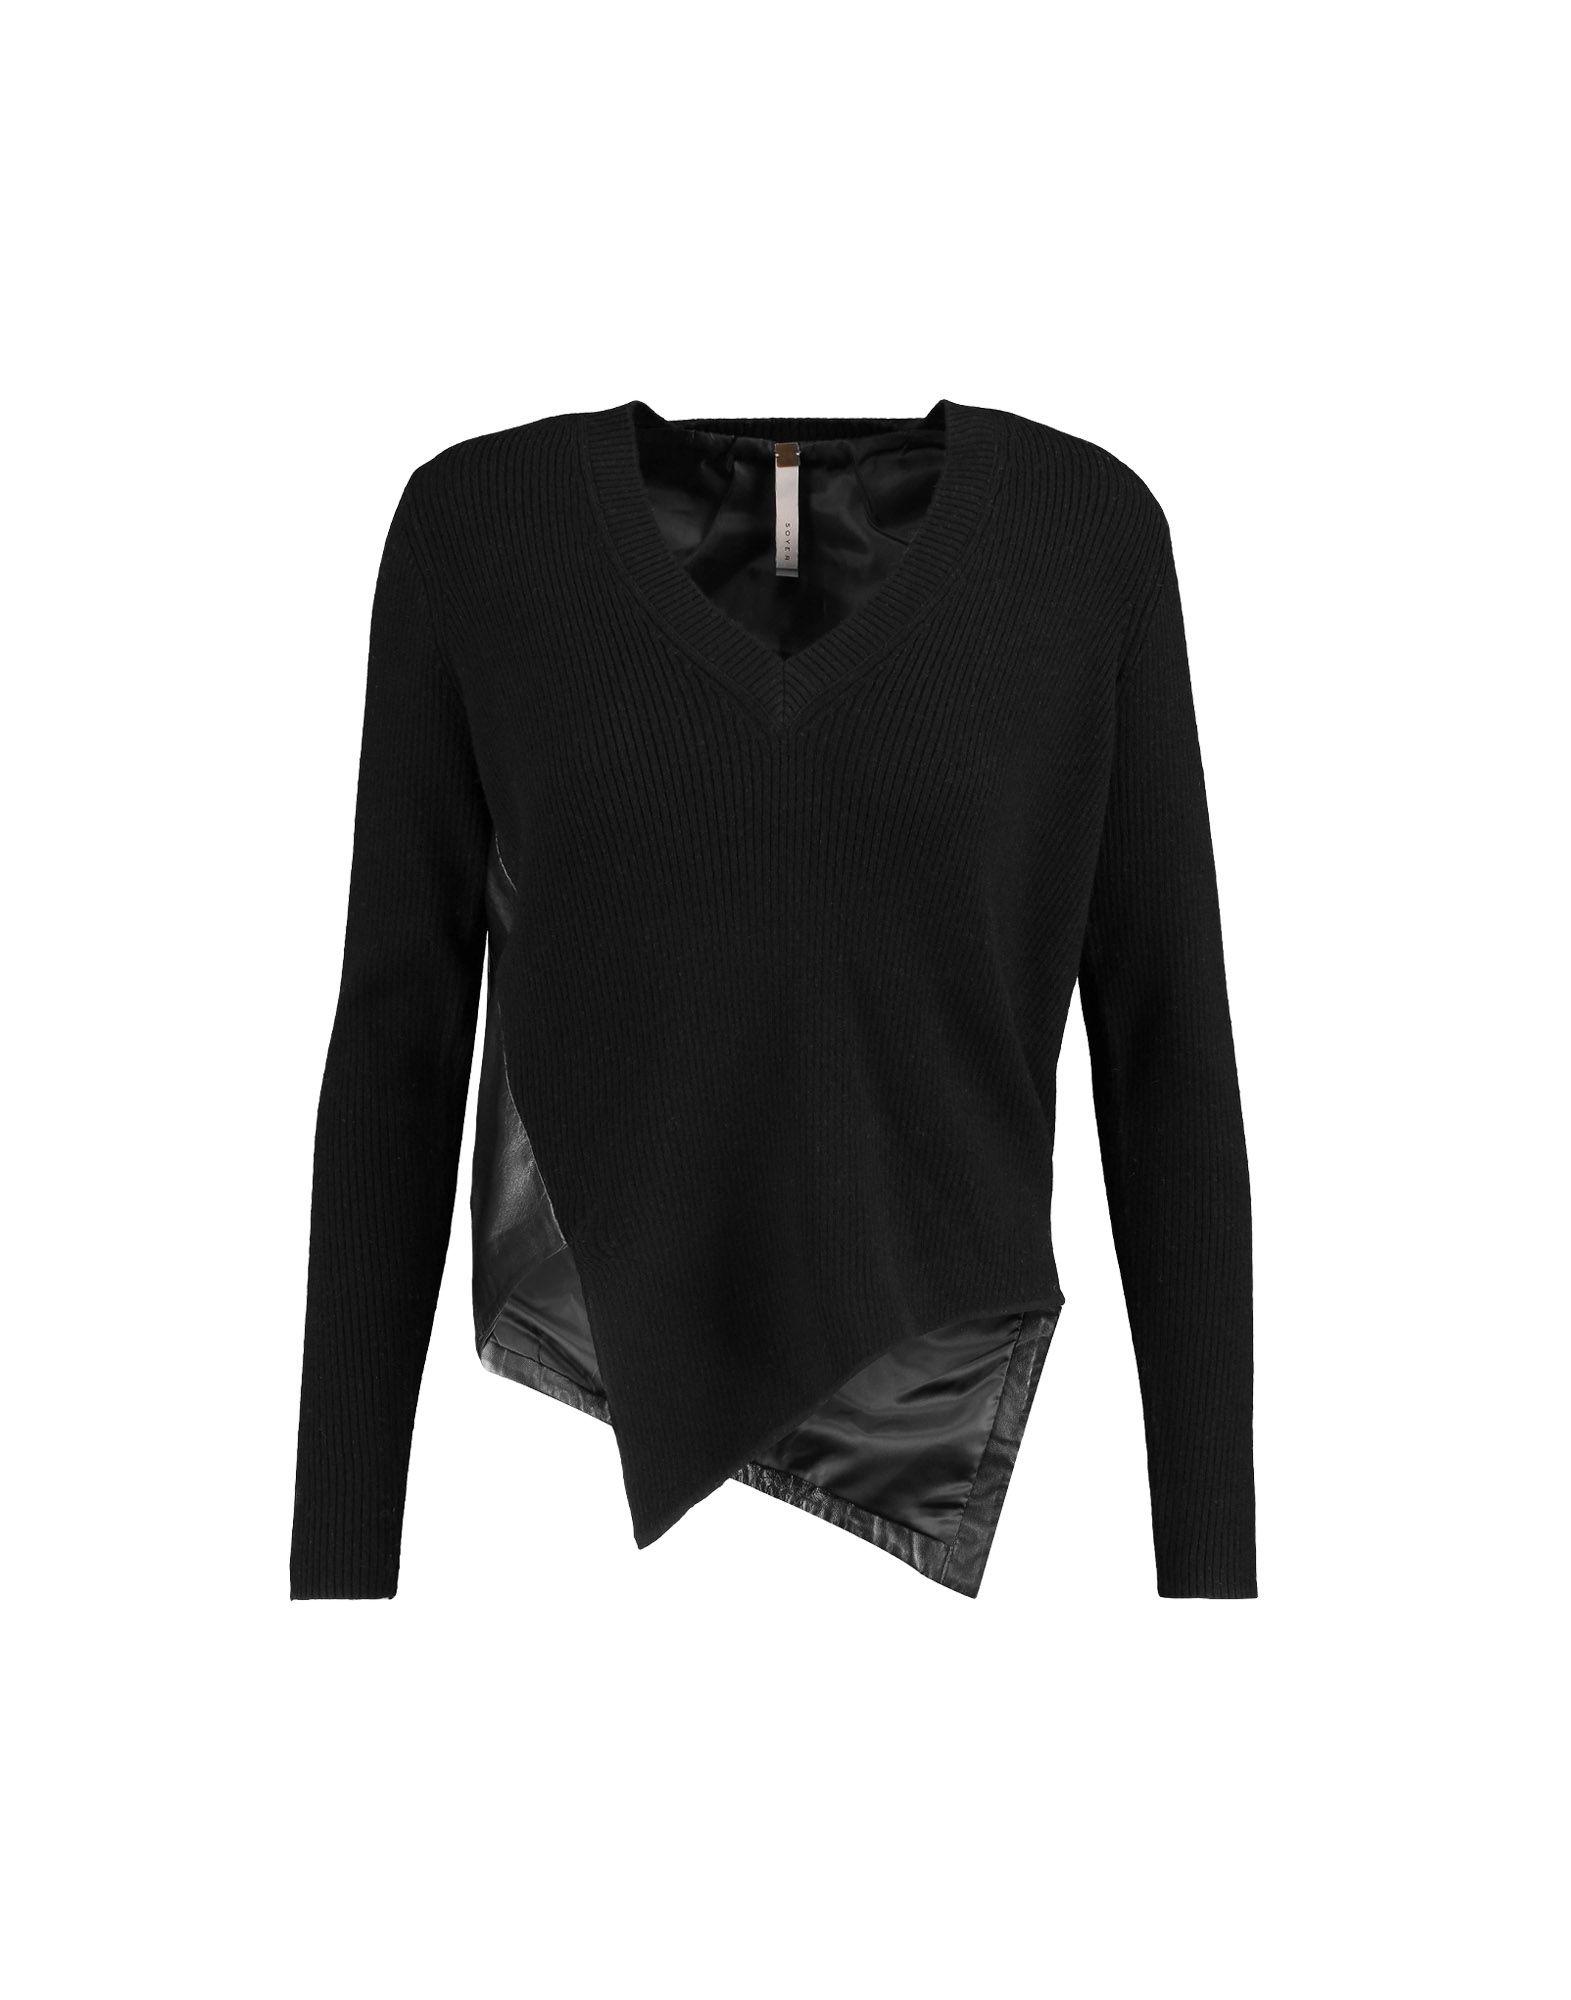 SOYER Sweater in Black